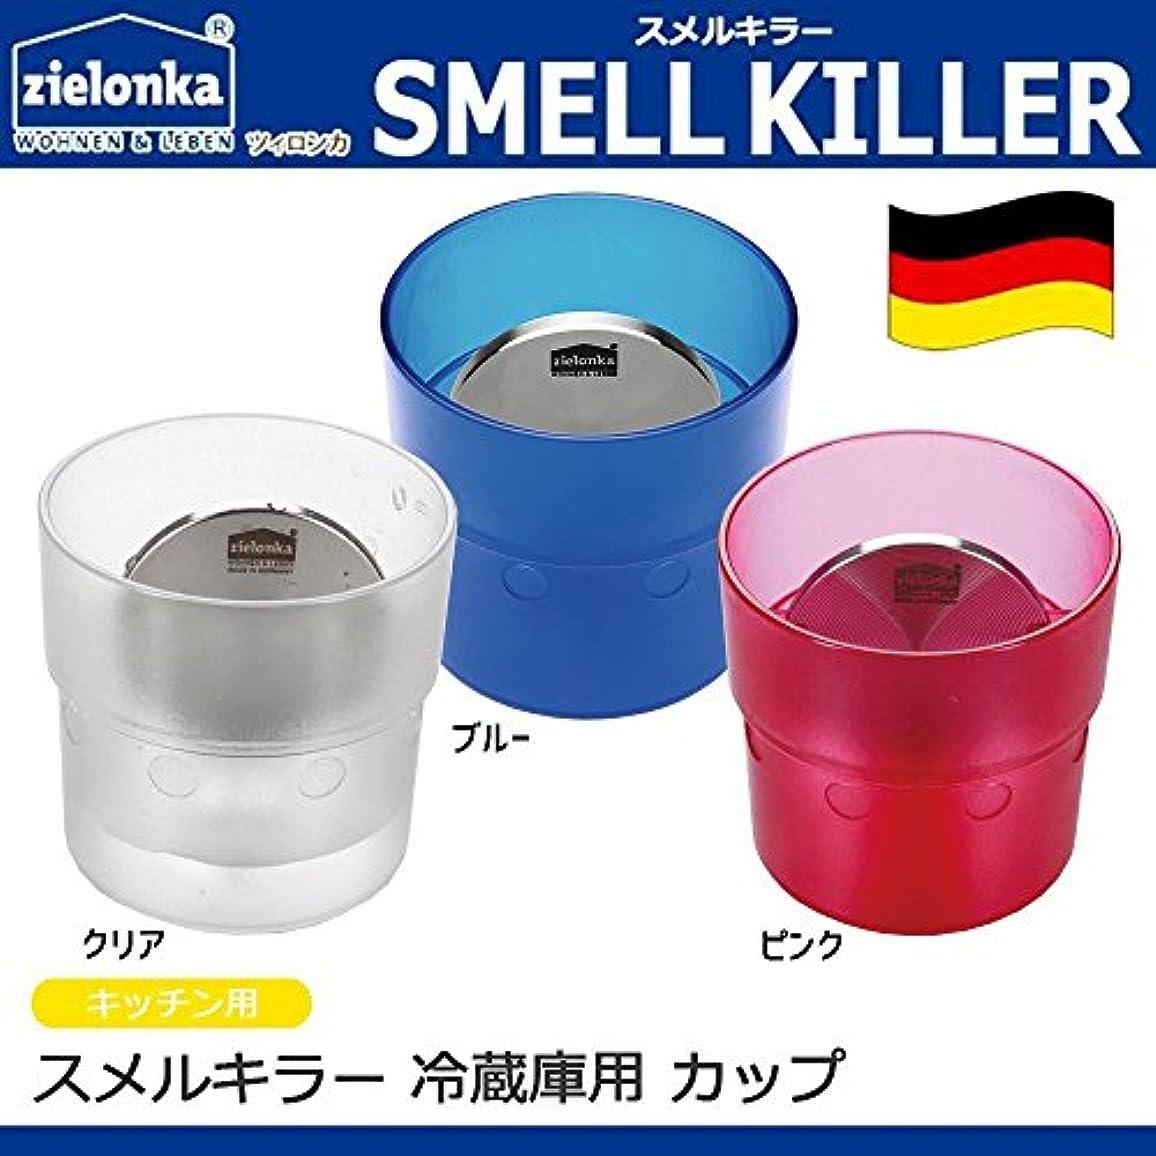 トランクライブラリ奨学金負SMELL KILLER(スメルキラー) 冷蔵庫用 カップ(置き型) ■3種類の内「クリア?62145」のみです